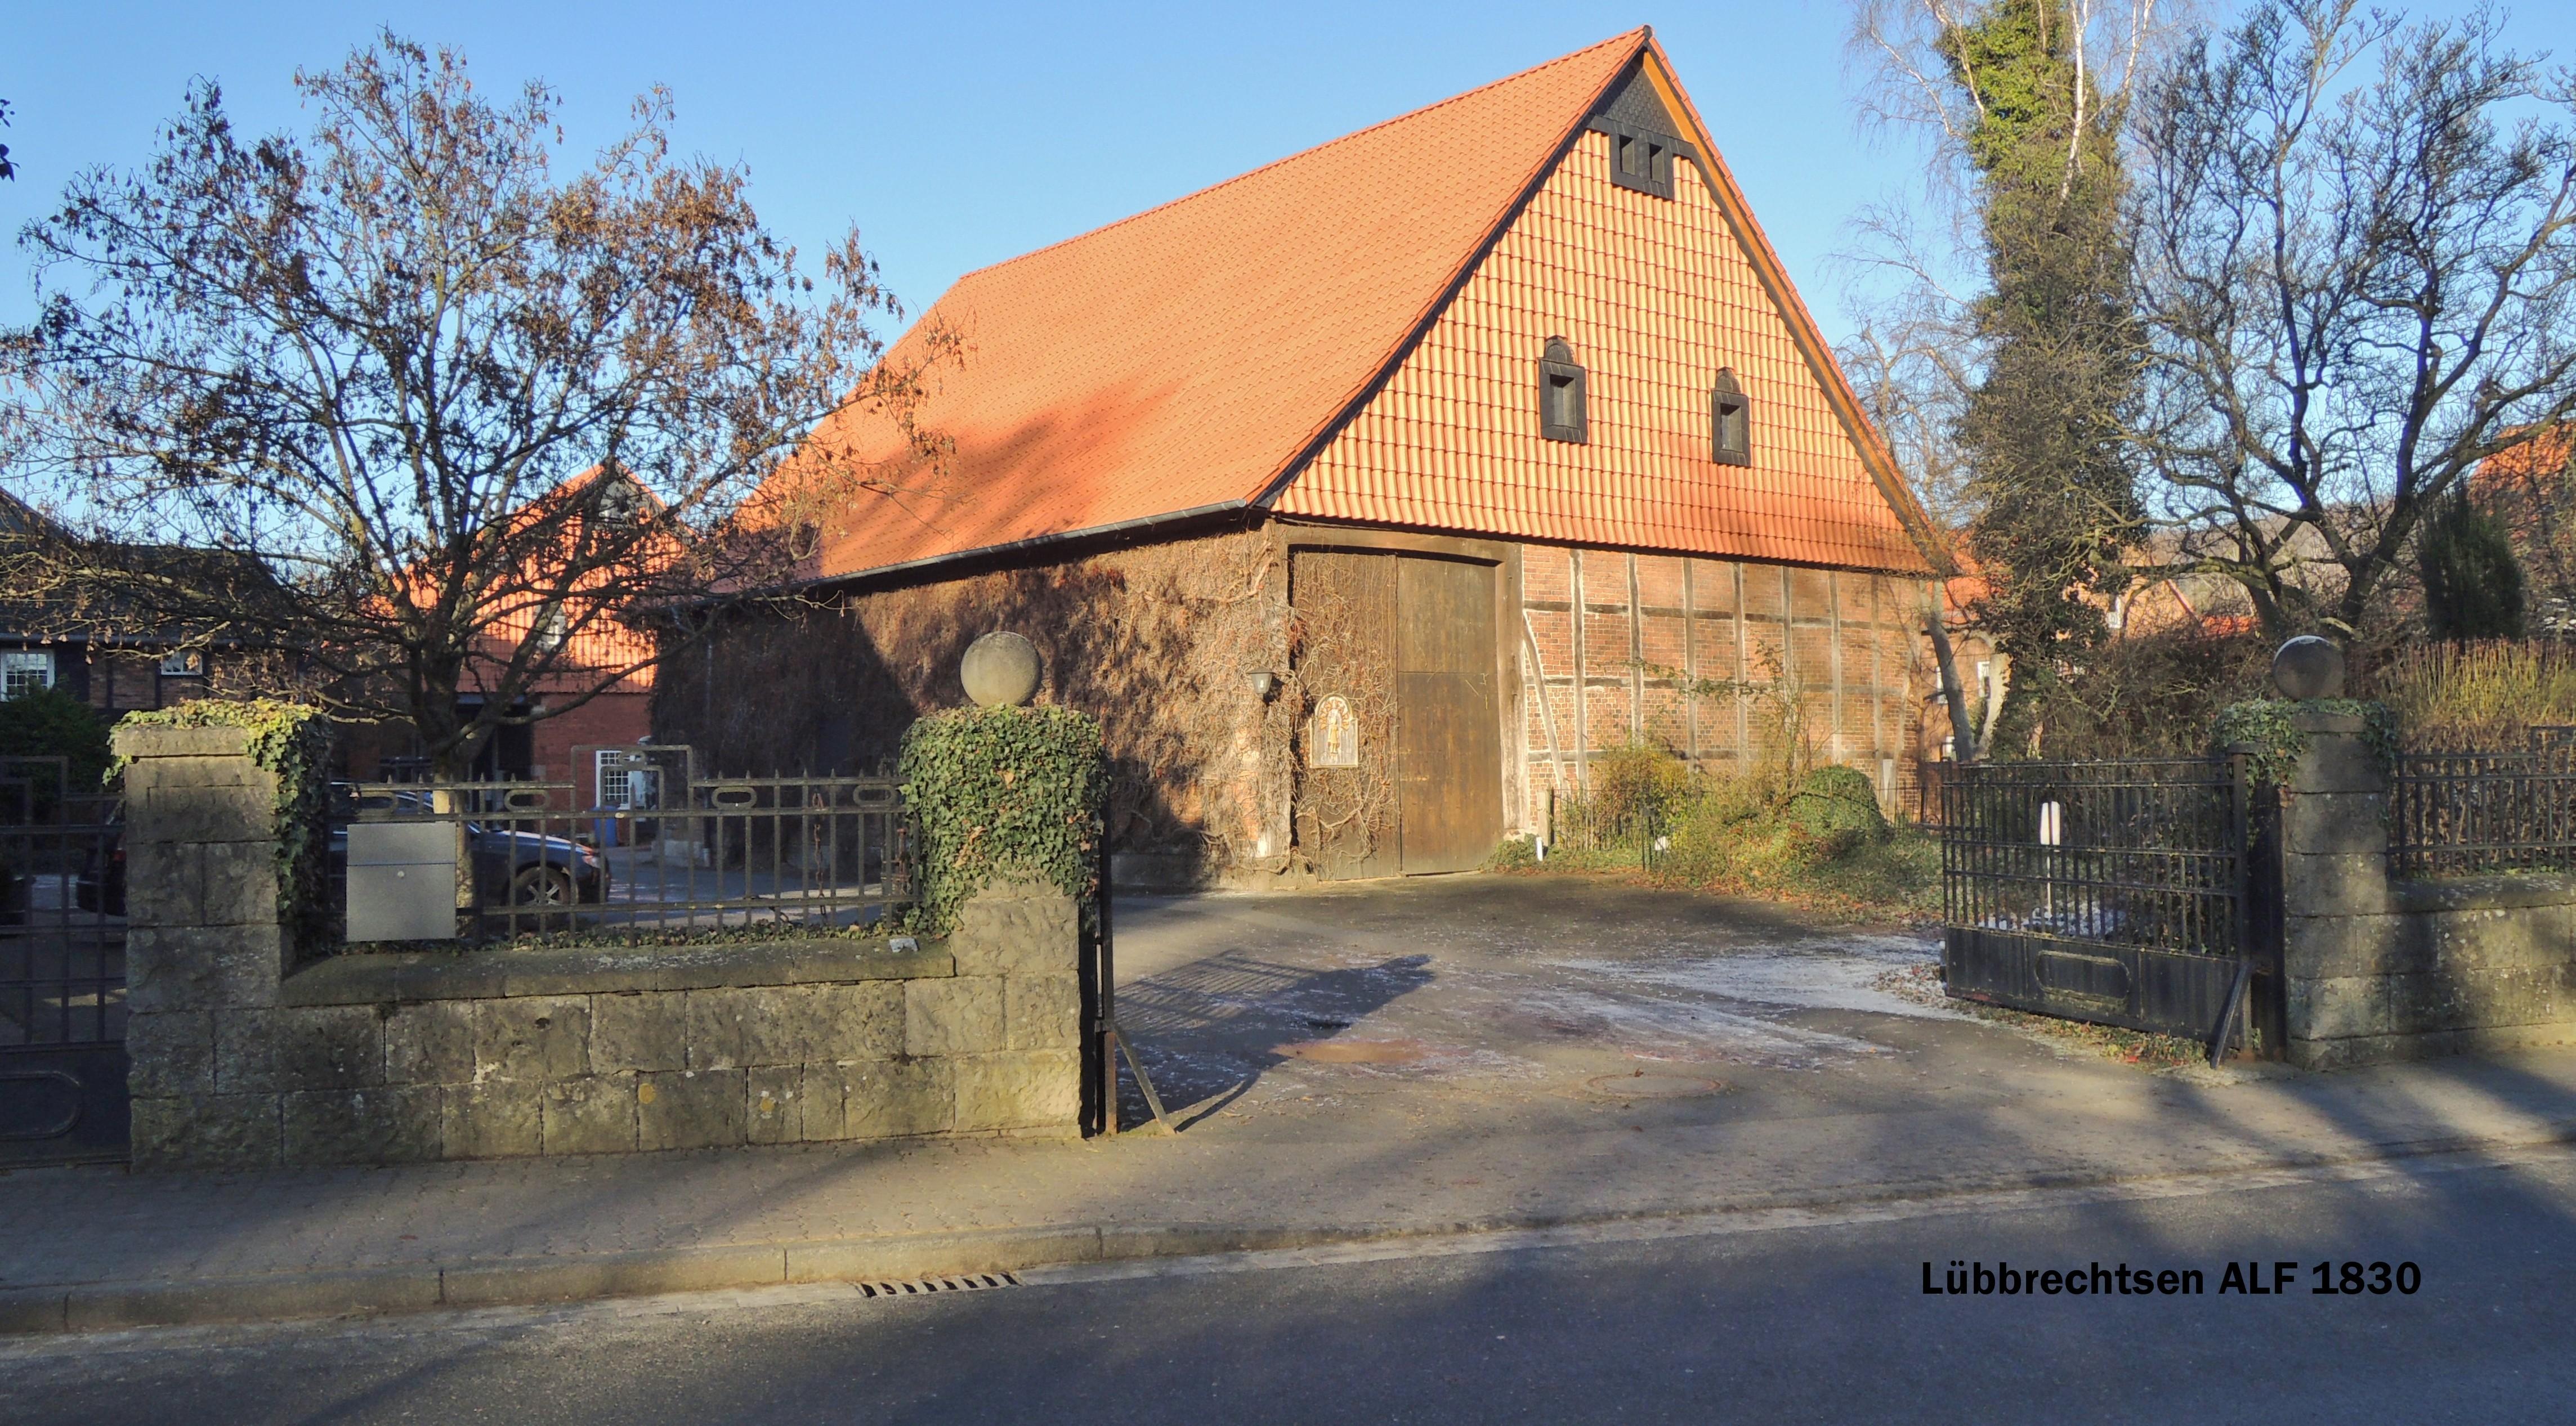 s-luebbrechtsen-alf-1830-s